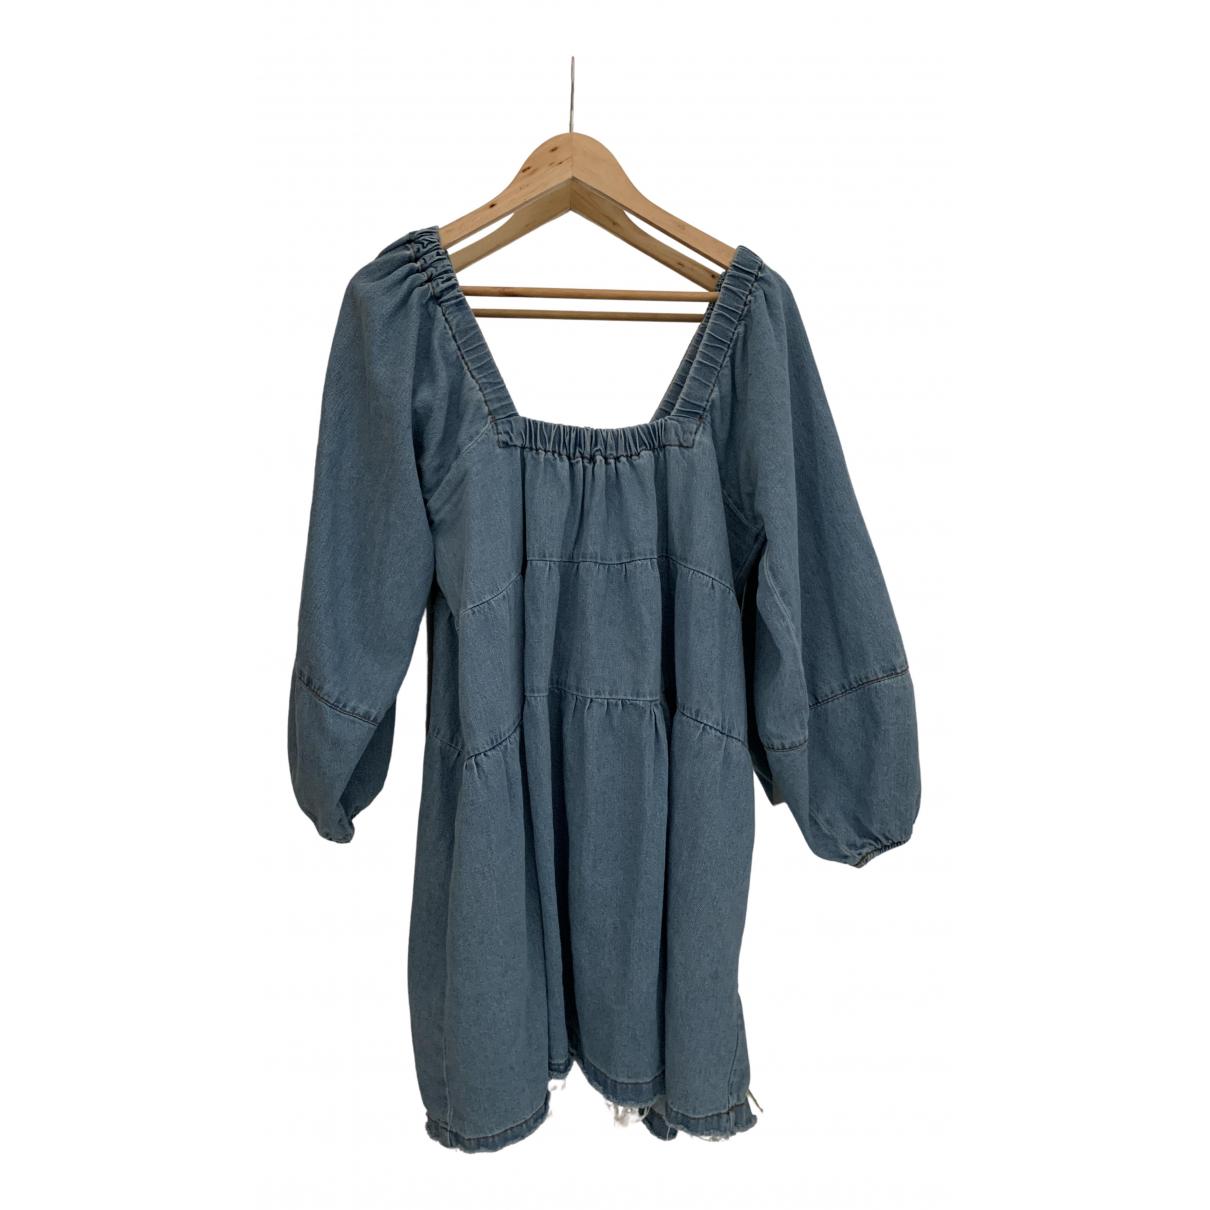 Free People \N Kleid in  Blau Denim - Jeans